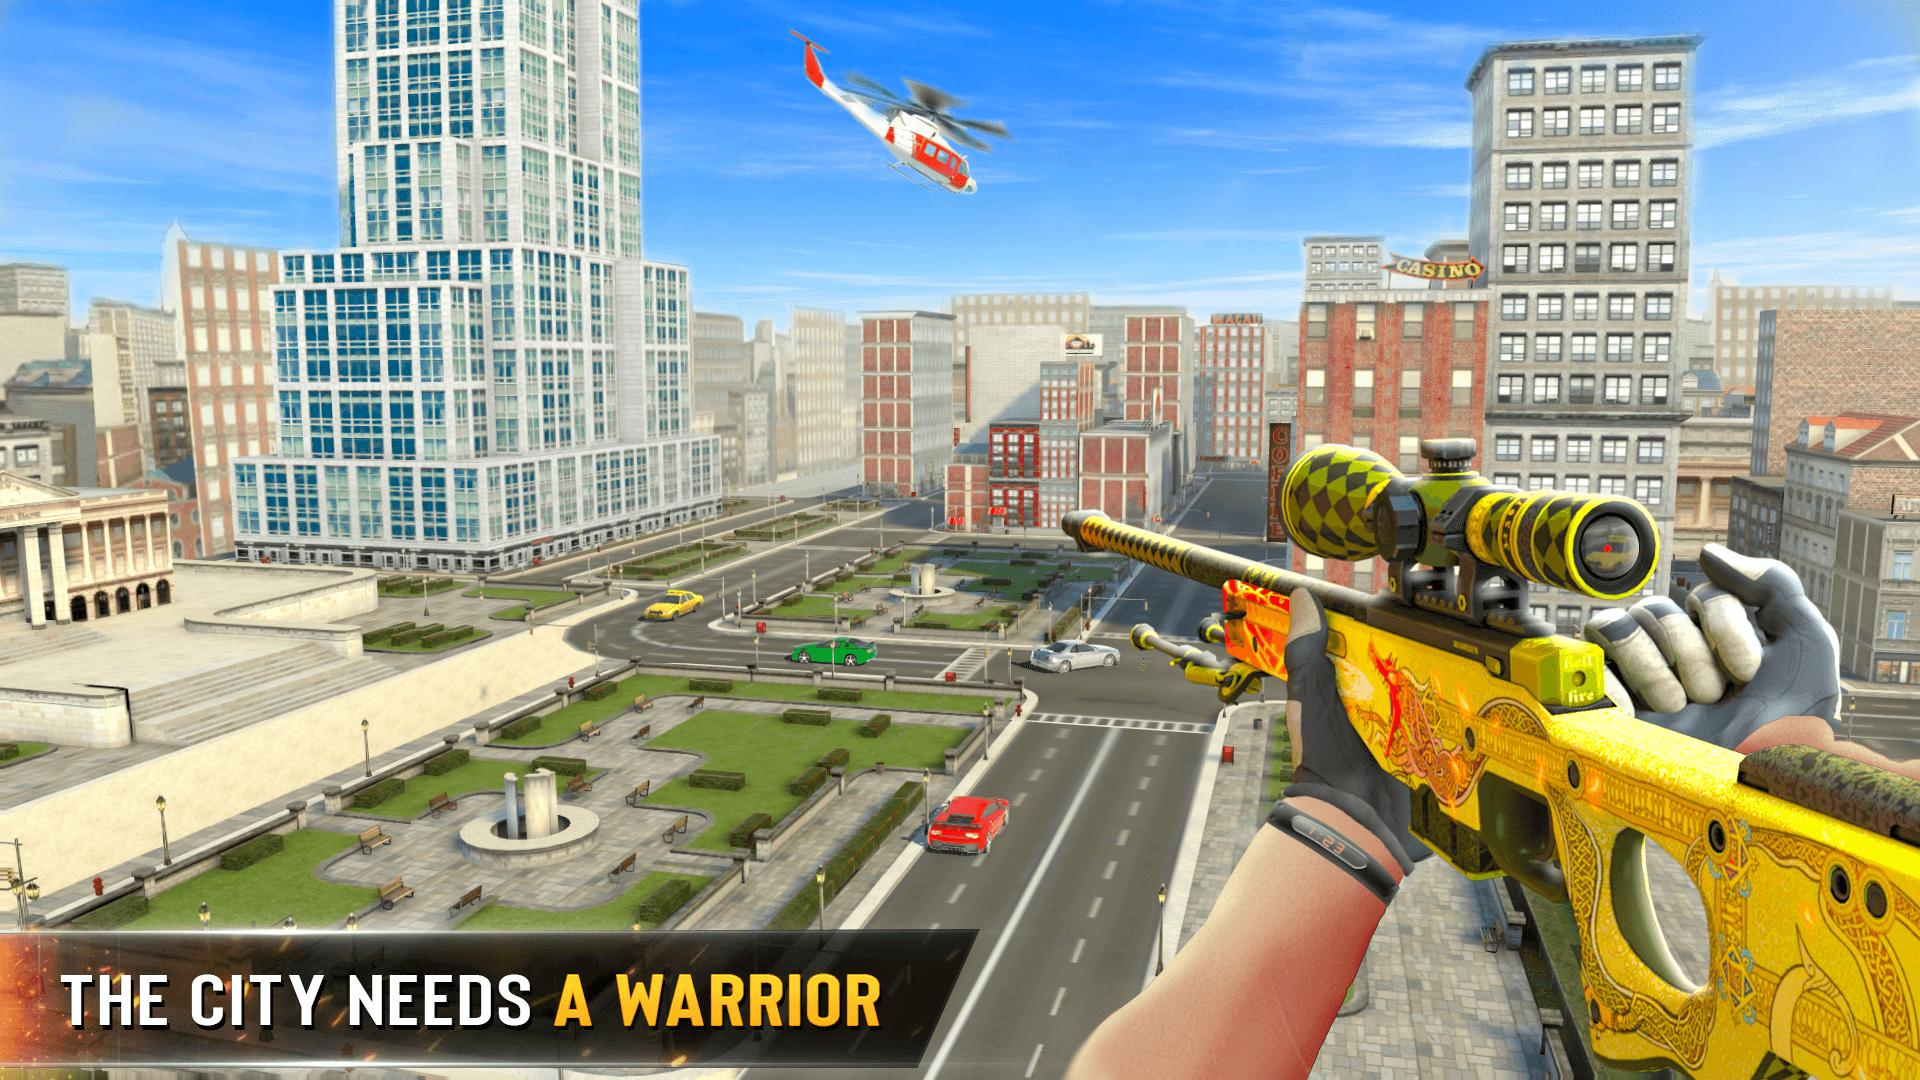 New Sniper Shooter: Free offline 3D shooting games 1.78 Screenshot 11